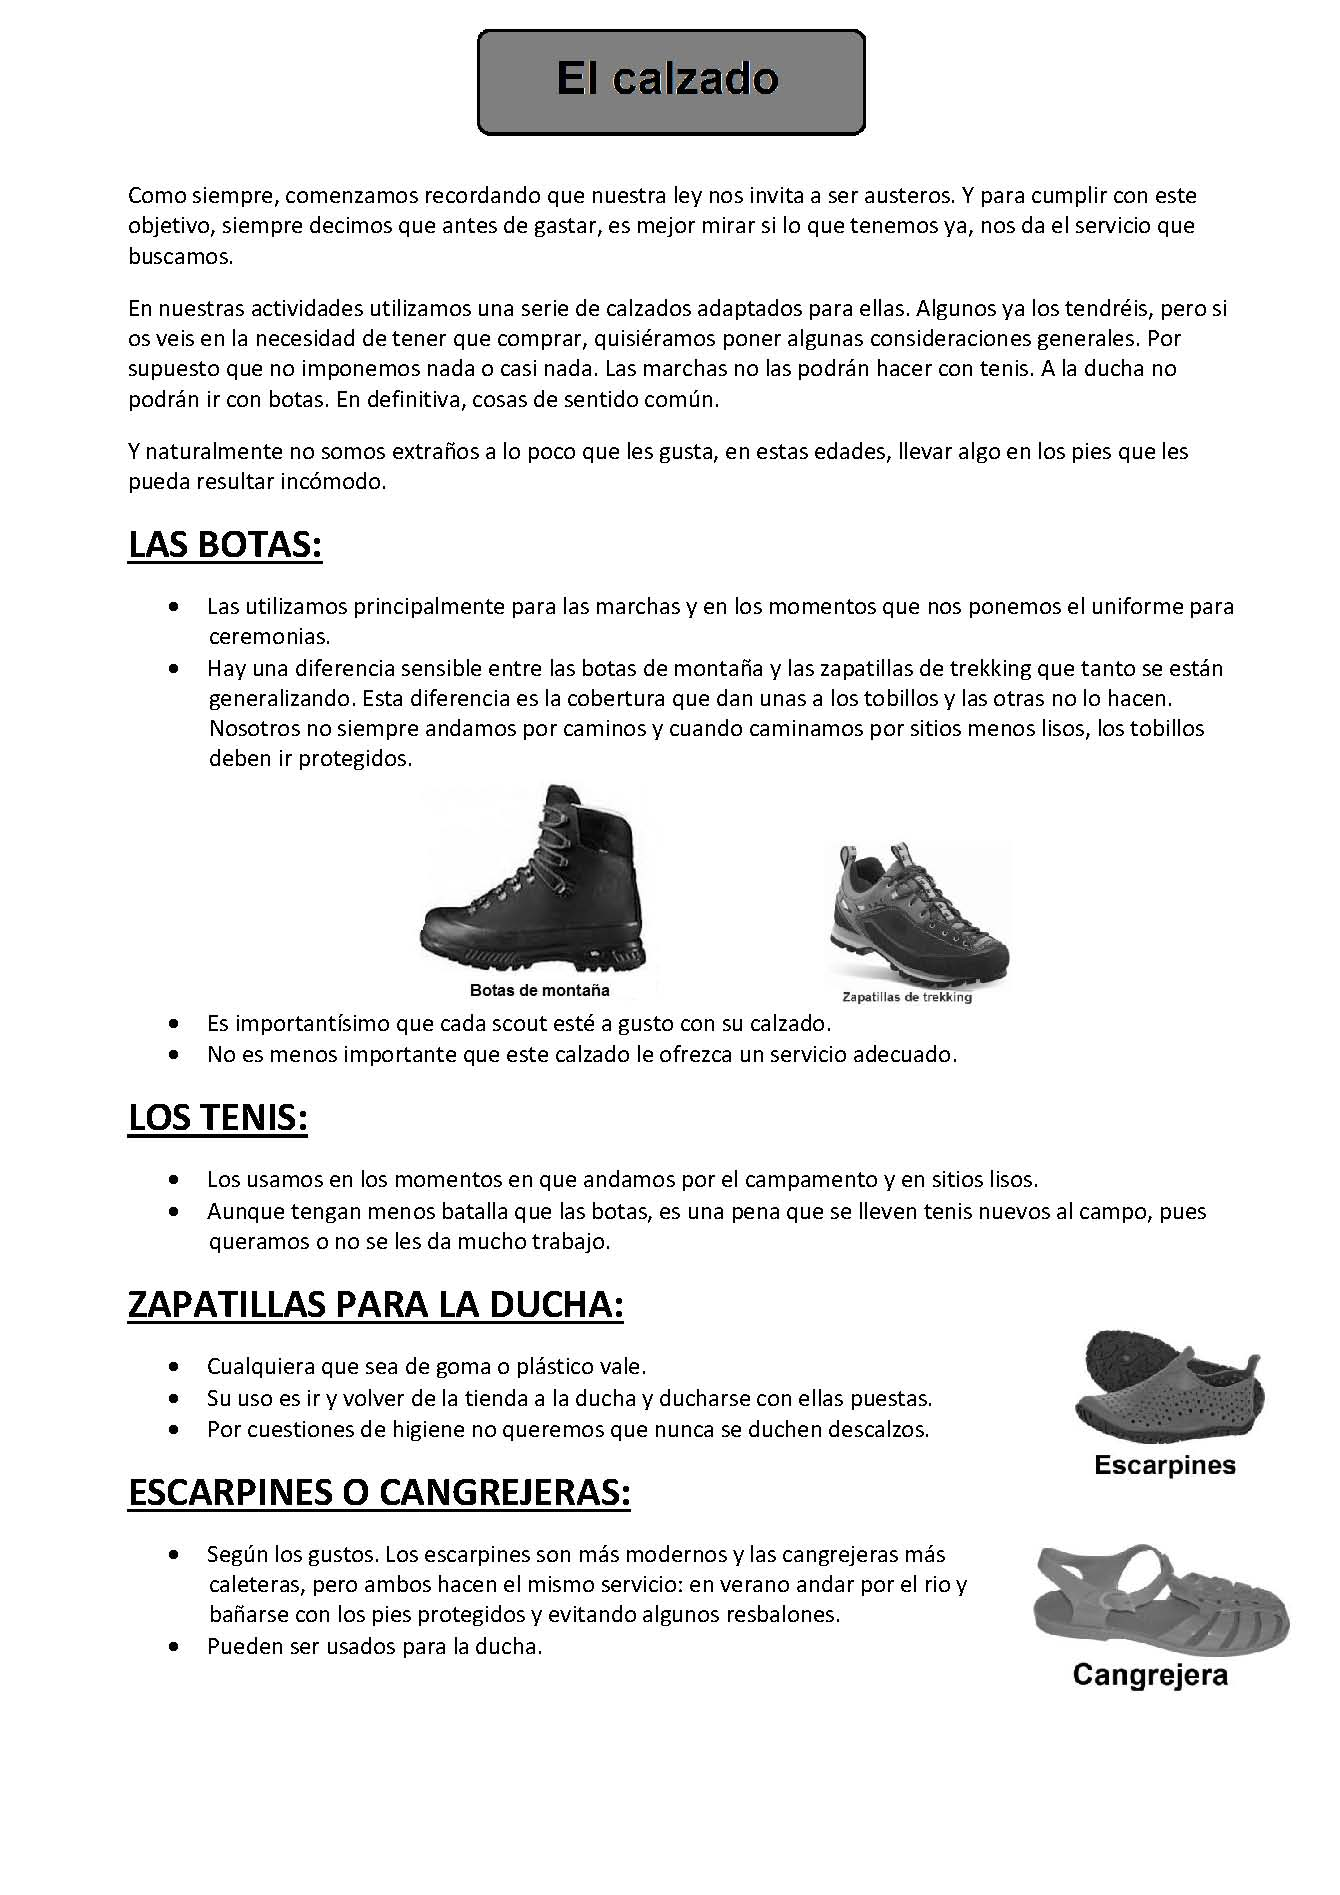 el_calzado